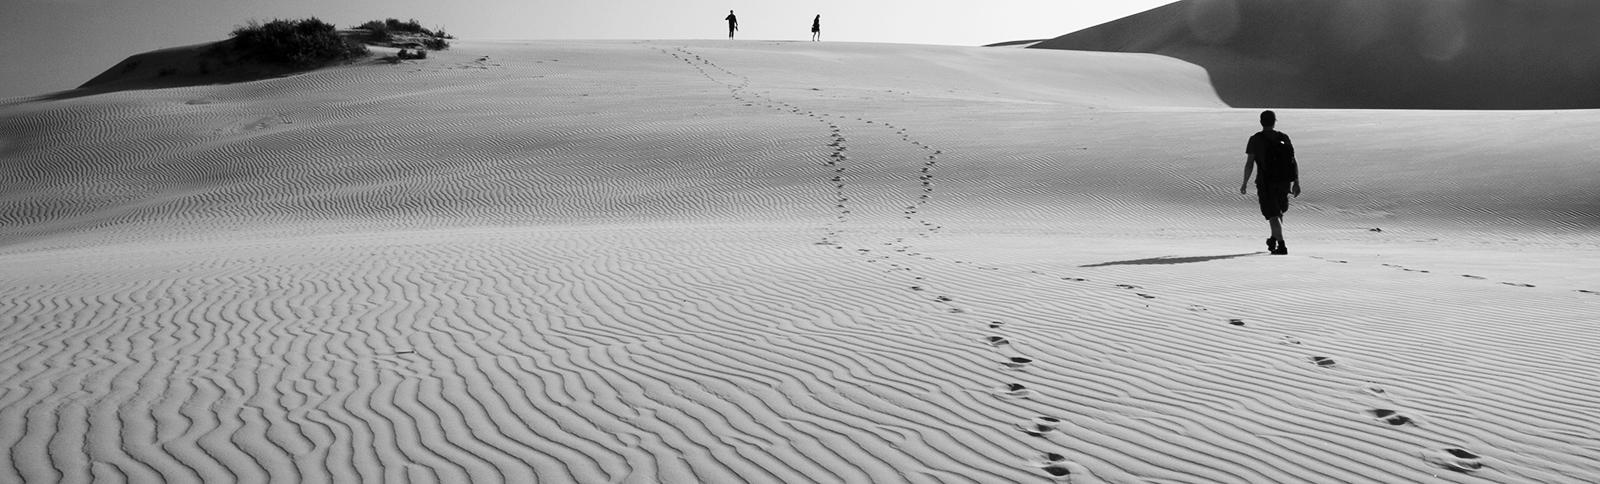 wüste, wueste, dünen, duenen, weg, wandern, reise, reisen, story, storytelling, geschichte, erzählen, erzaehlen, schreiben, Autor, Autoren